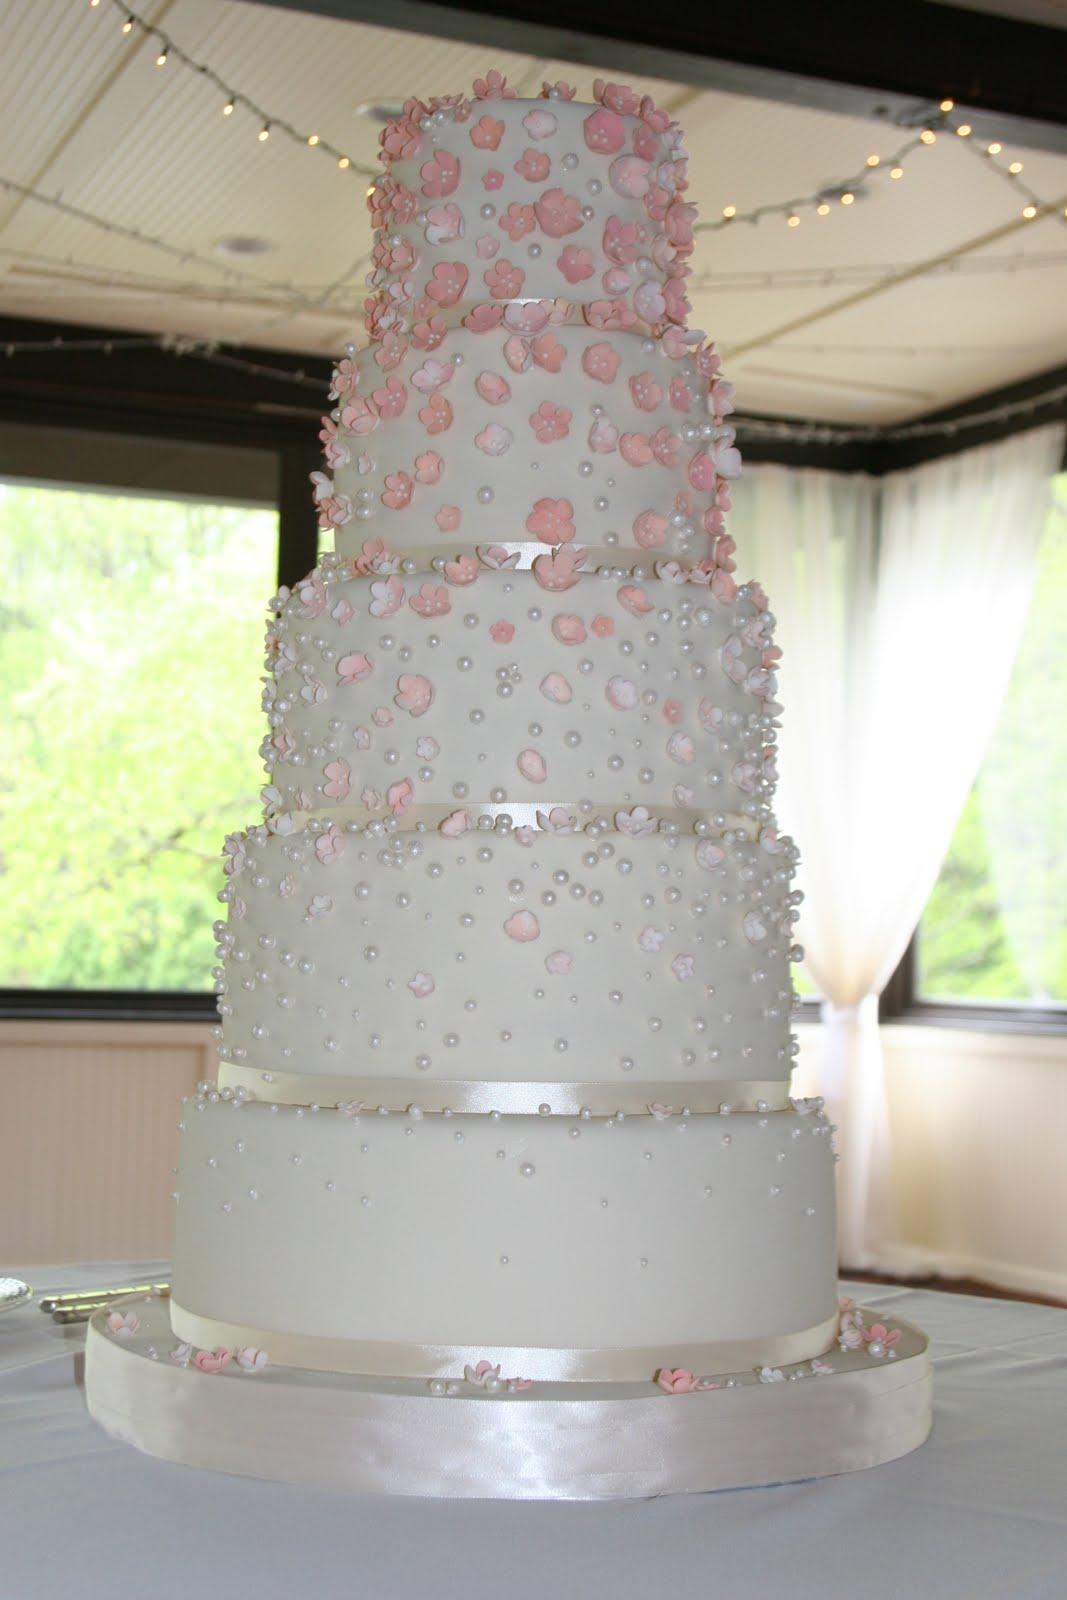 The white flower cake shoppe monday may 17 2010 mightylinksfo